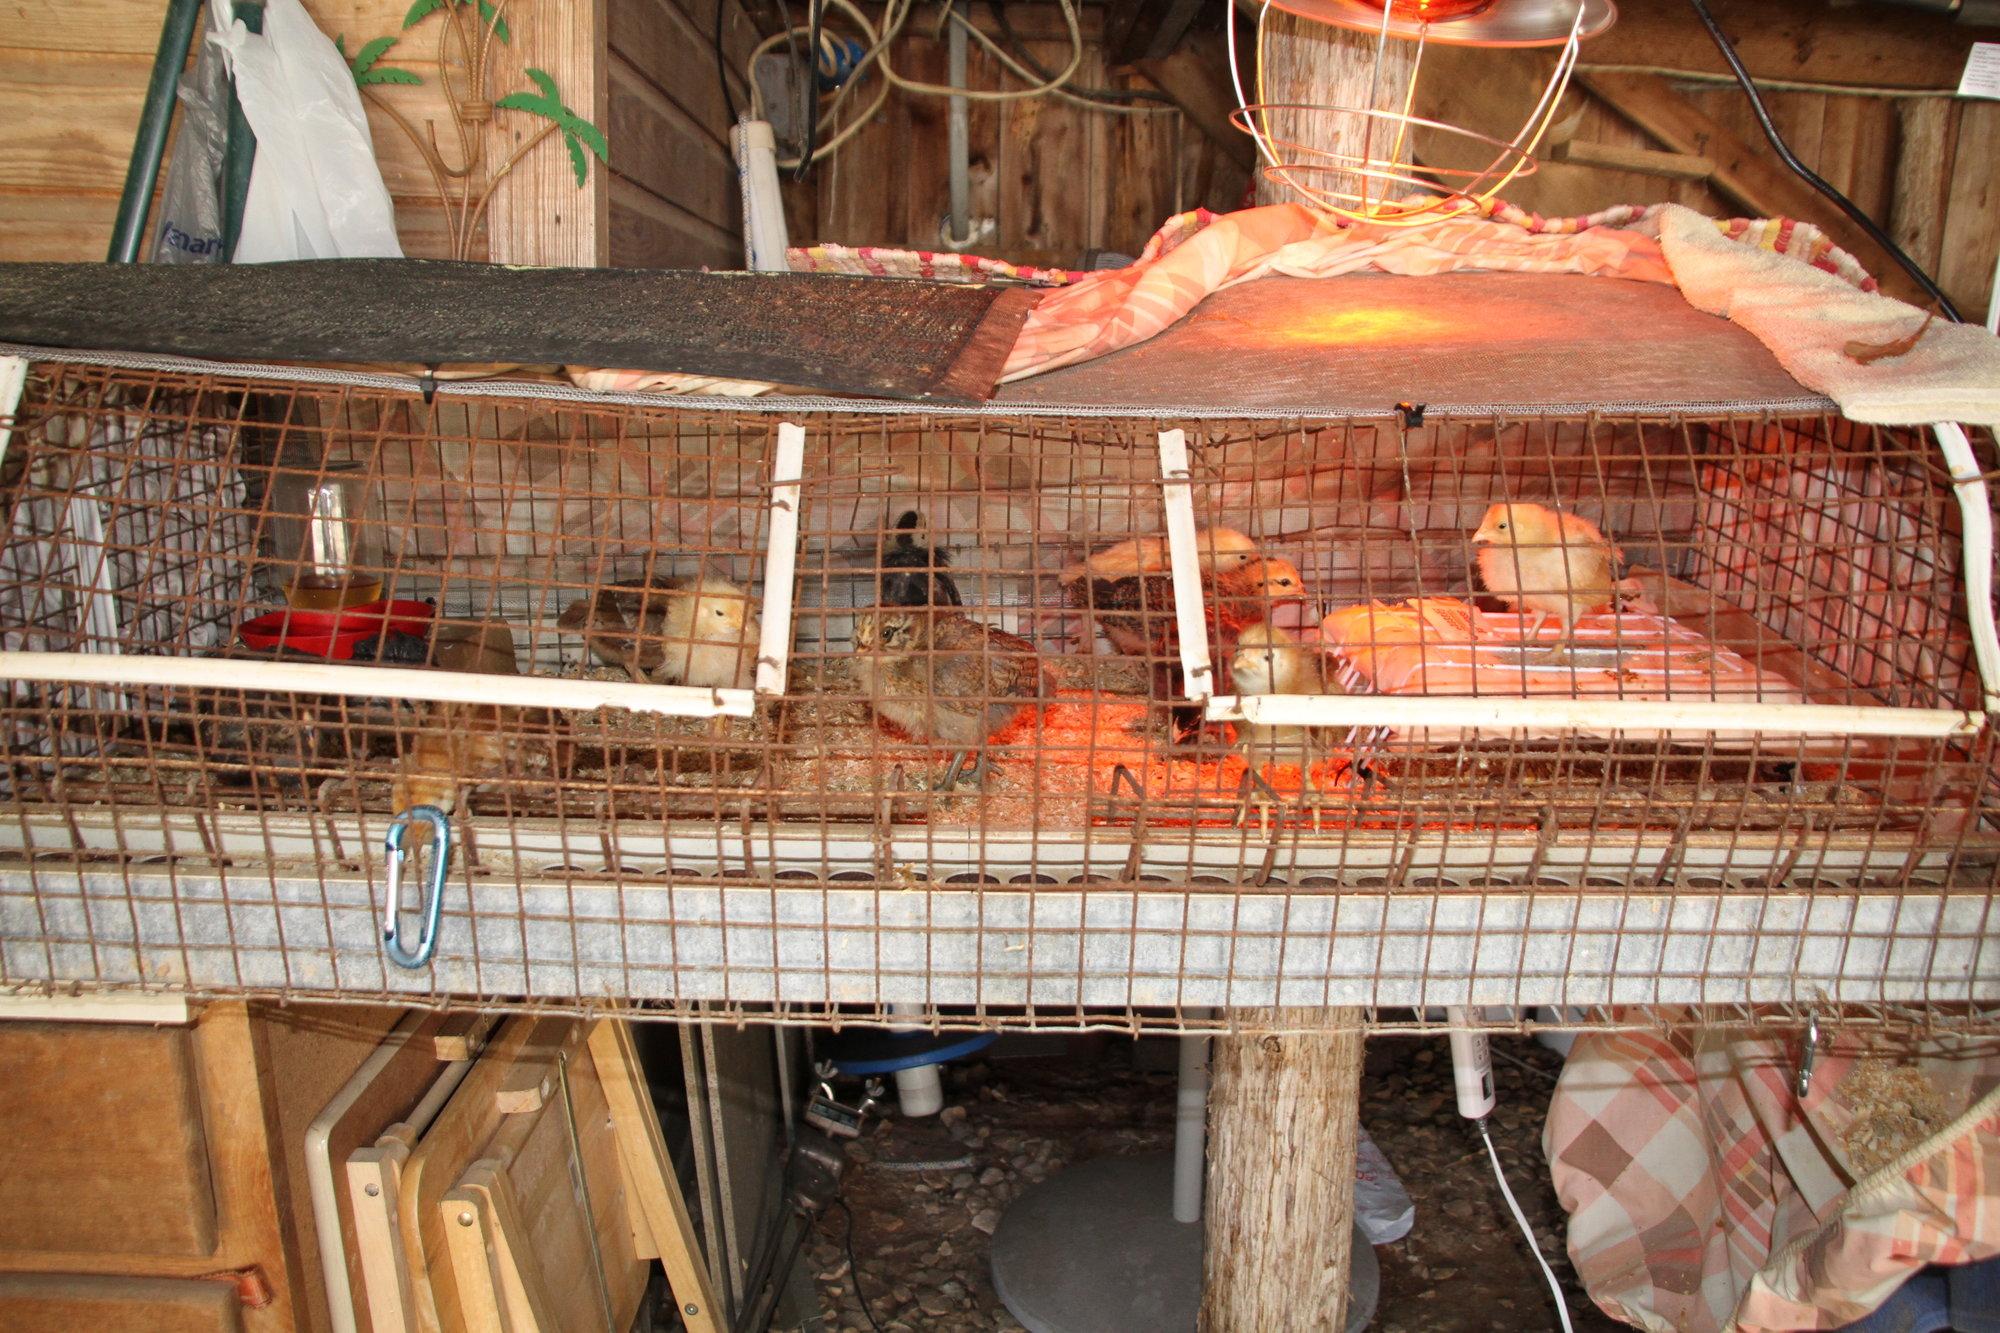 032318_Chickens_19.JPG